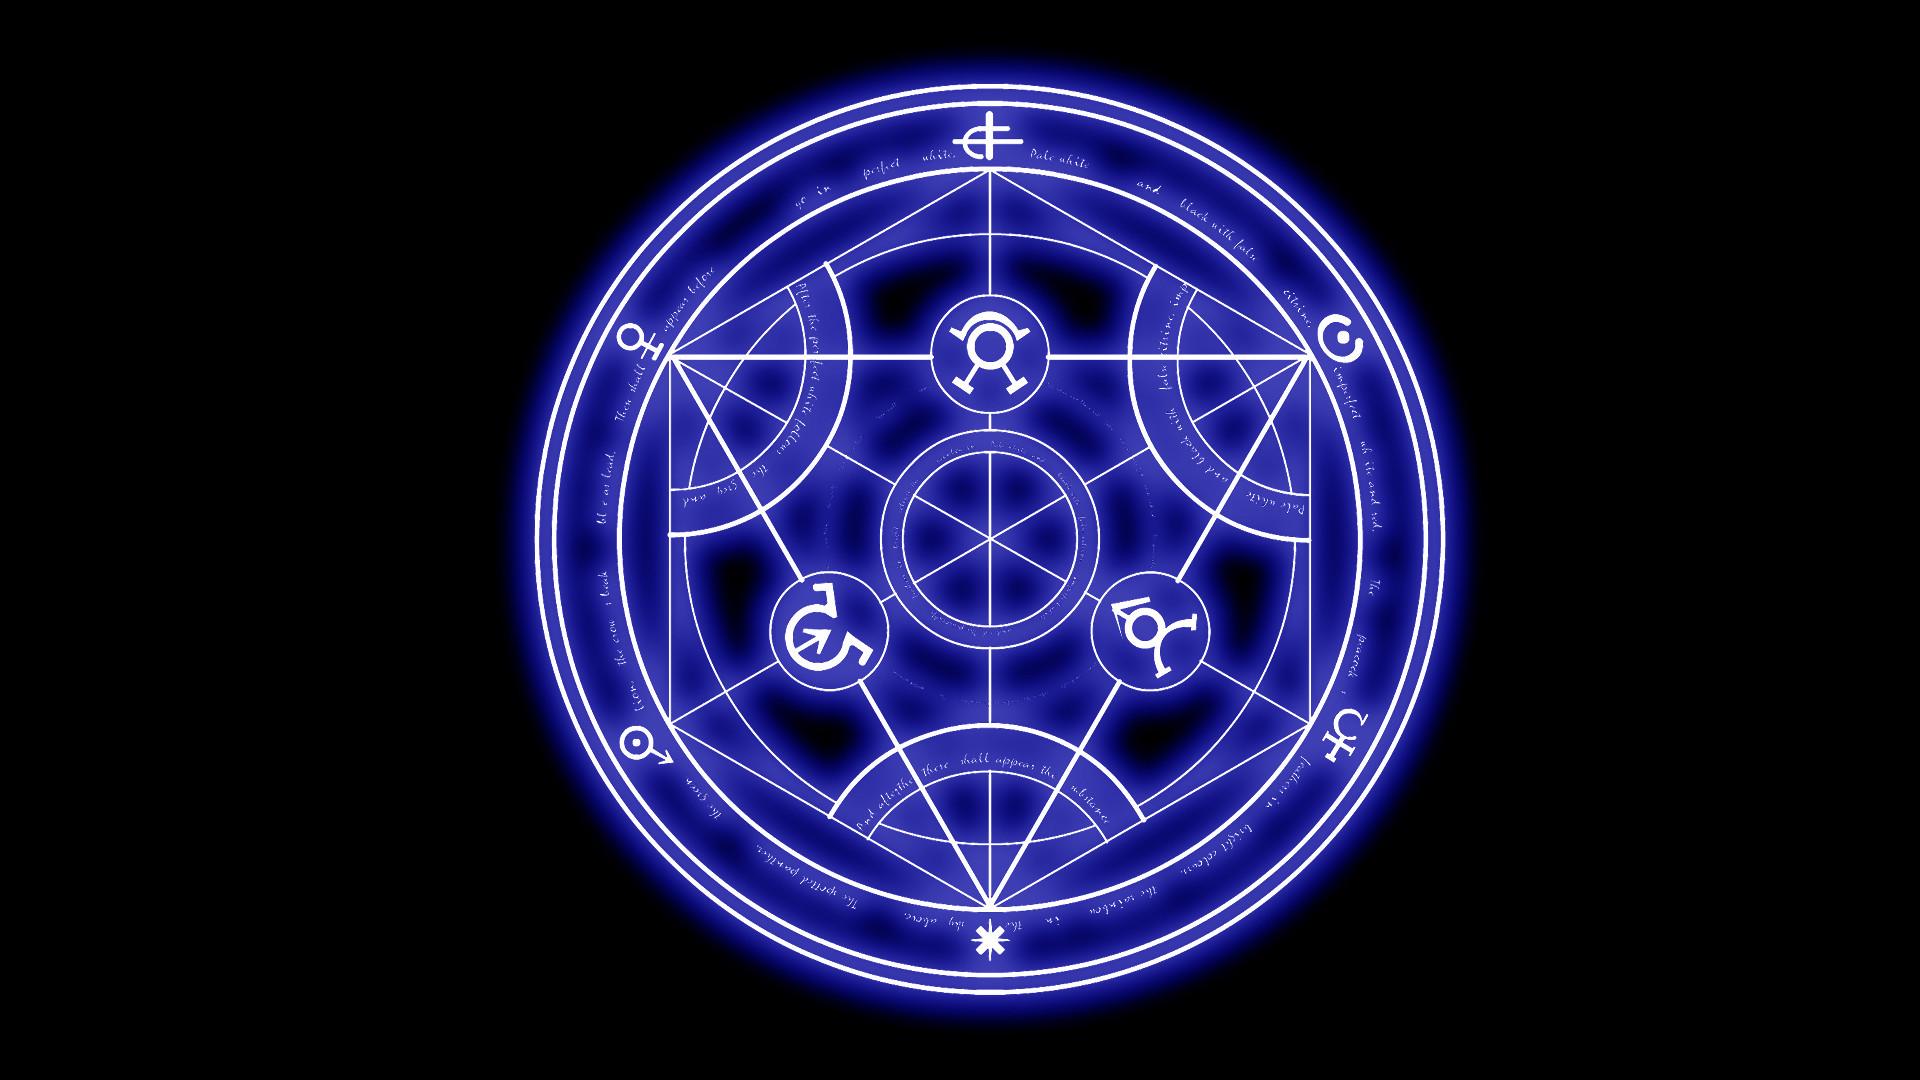 Fullmetal Alchemist Wallpaper Fullmetal, Alchemist, Hagane .